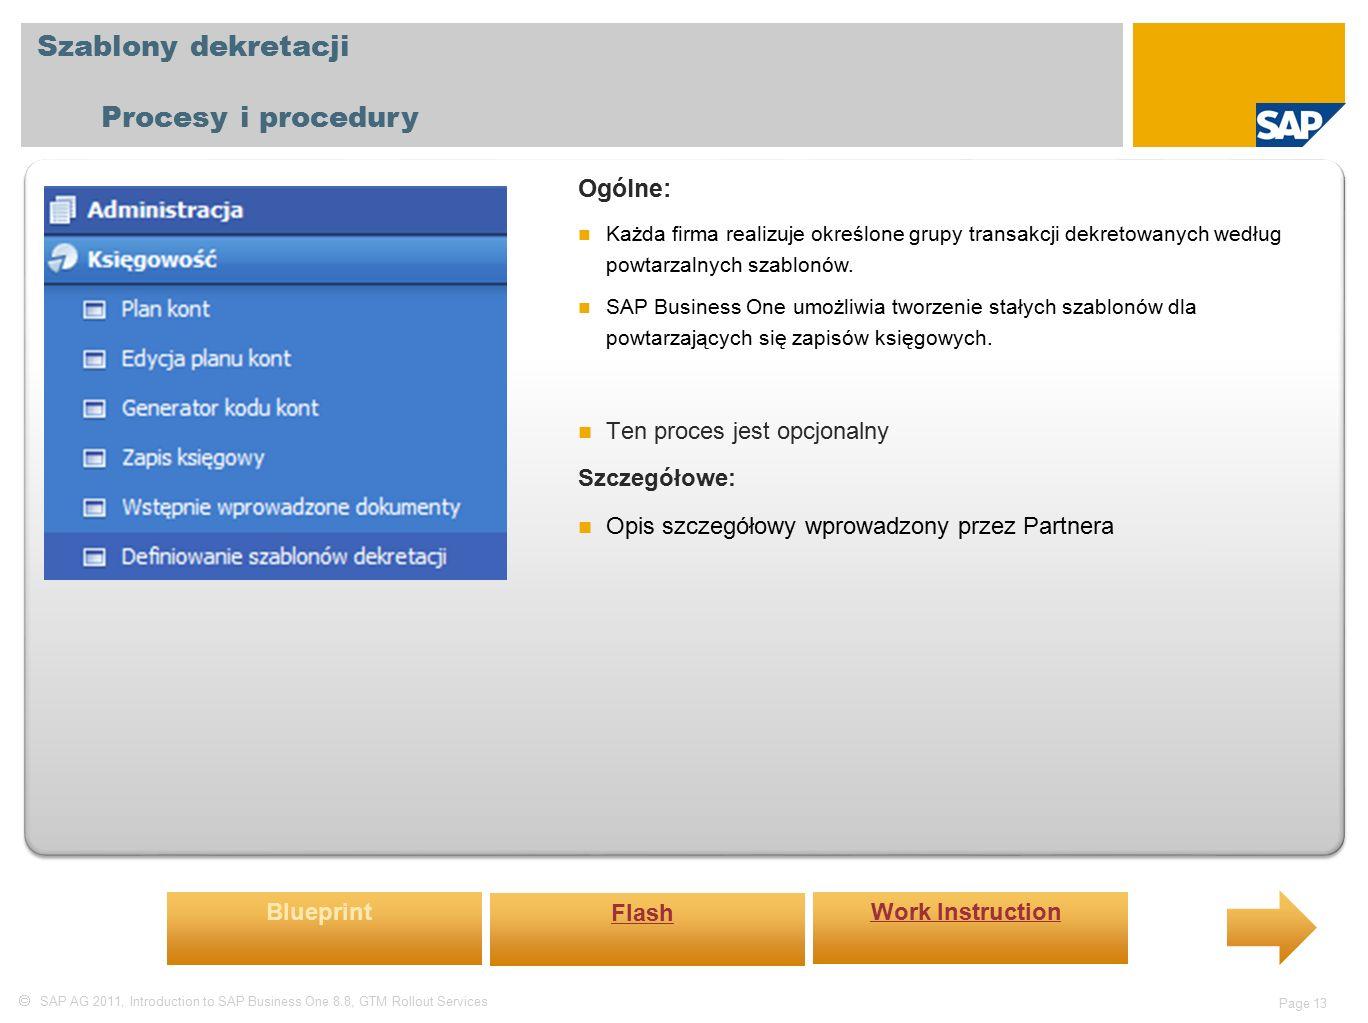  SAP AG 2011, Introduction to SAP Business One 8.8, GTM Rollout Services Page 13 Szablony dekretacji Procesy i procedury Ogólne: Każda firma realizuje określone grupy transakcji dekretowanych według powtarzalnych szablonów.